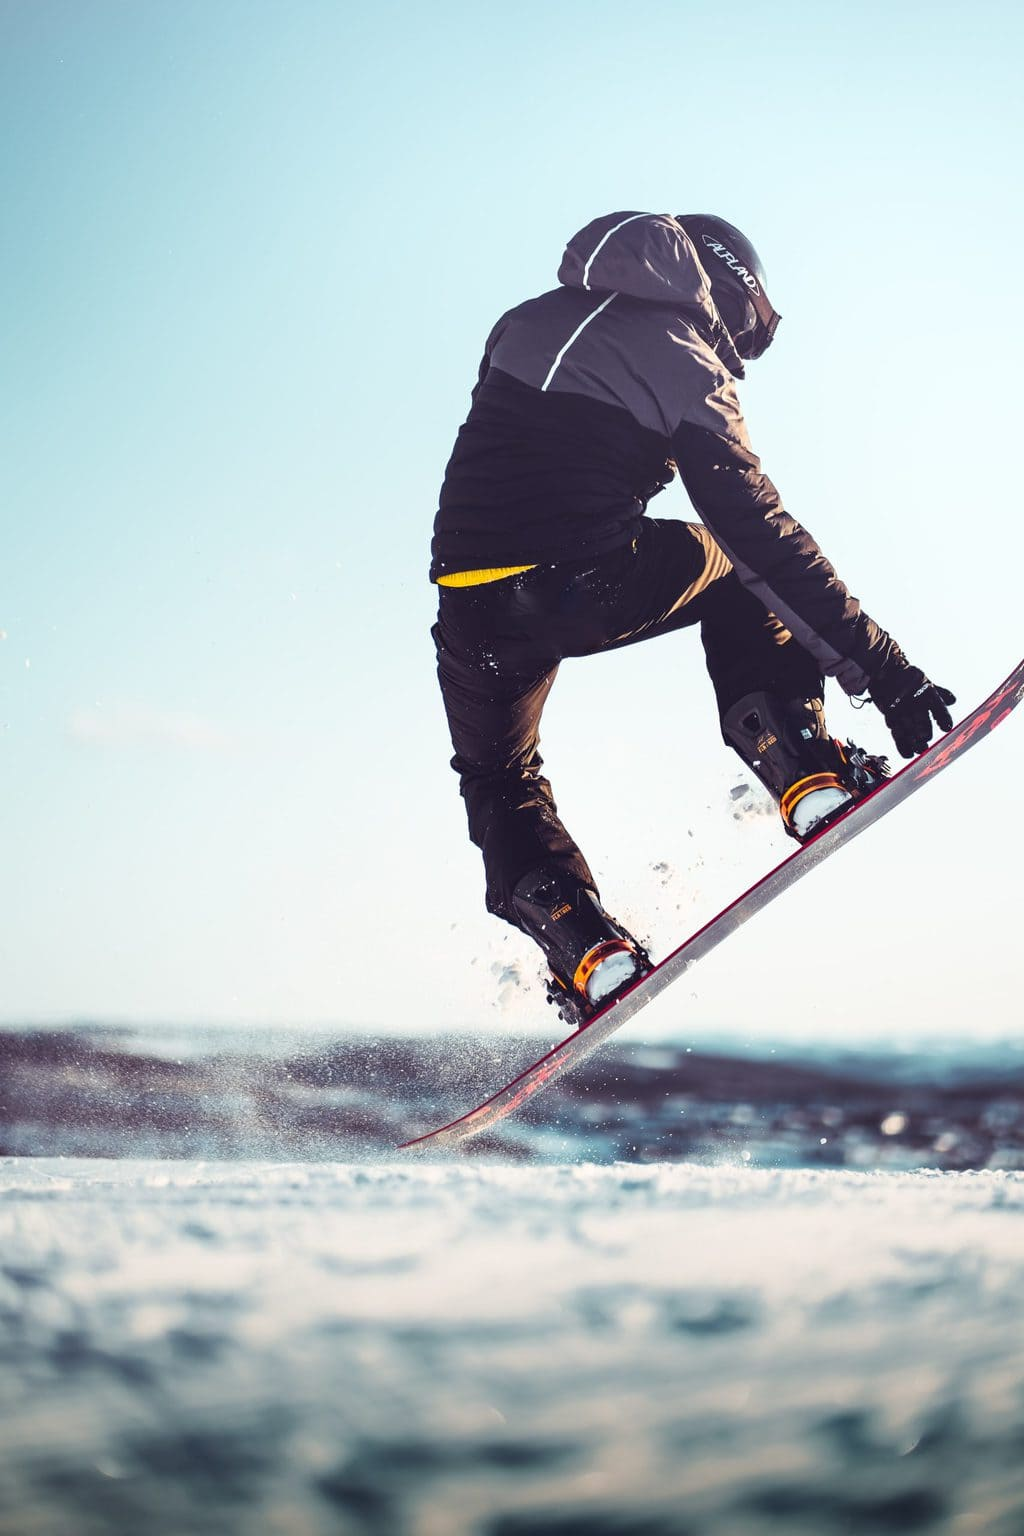 Een snowboarder in actie op een Duitse skipiste in de coronawinter